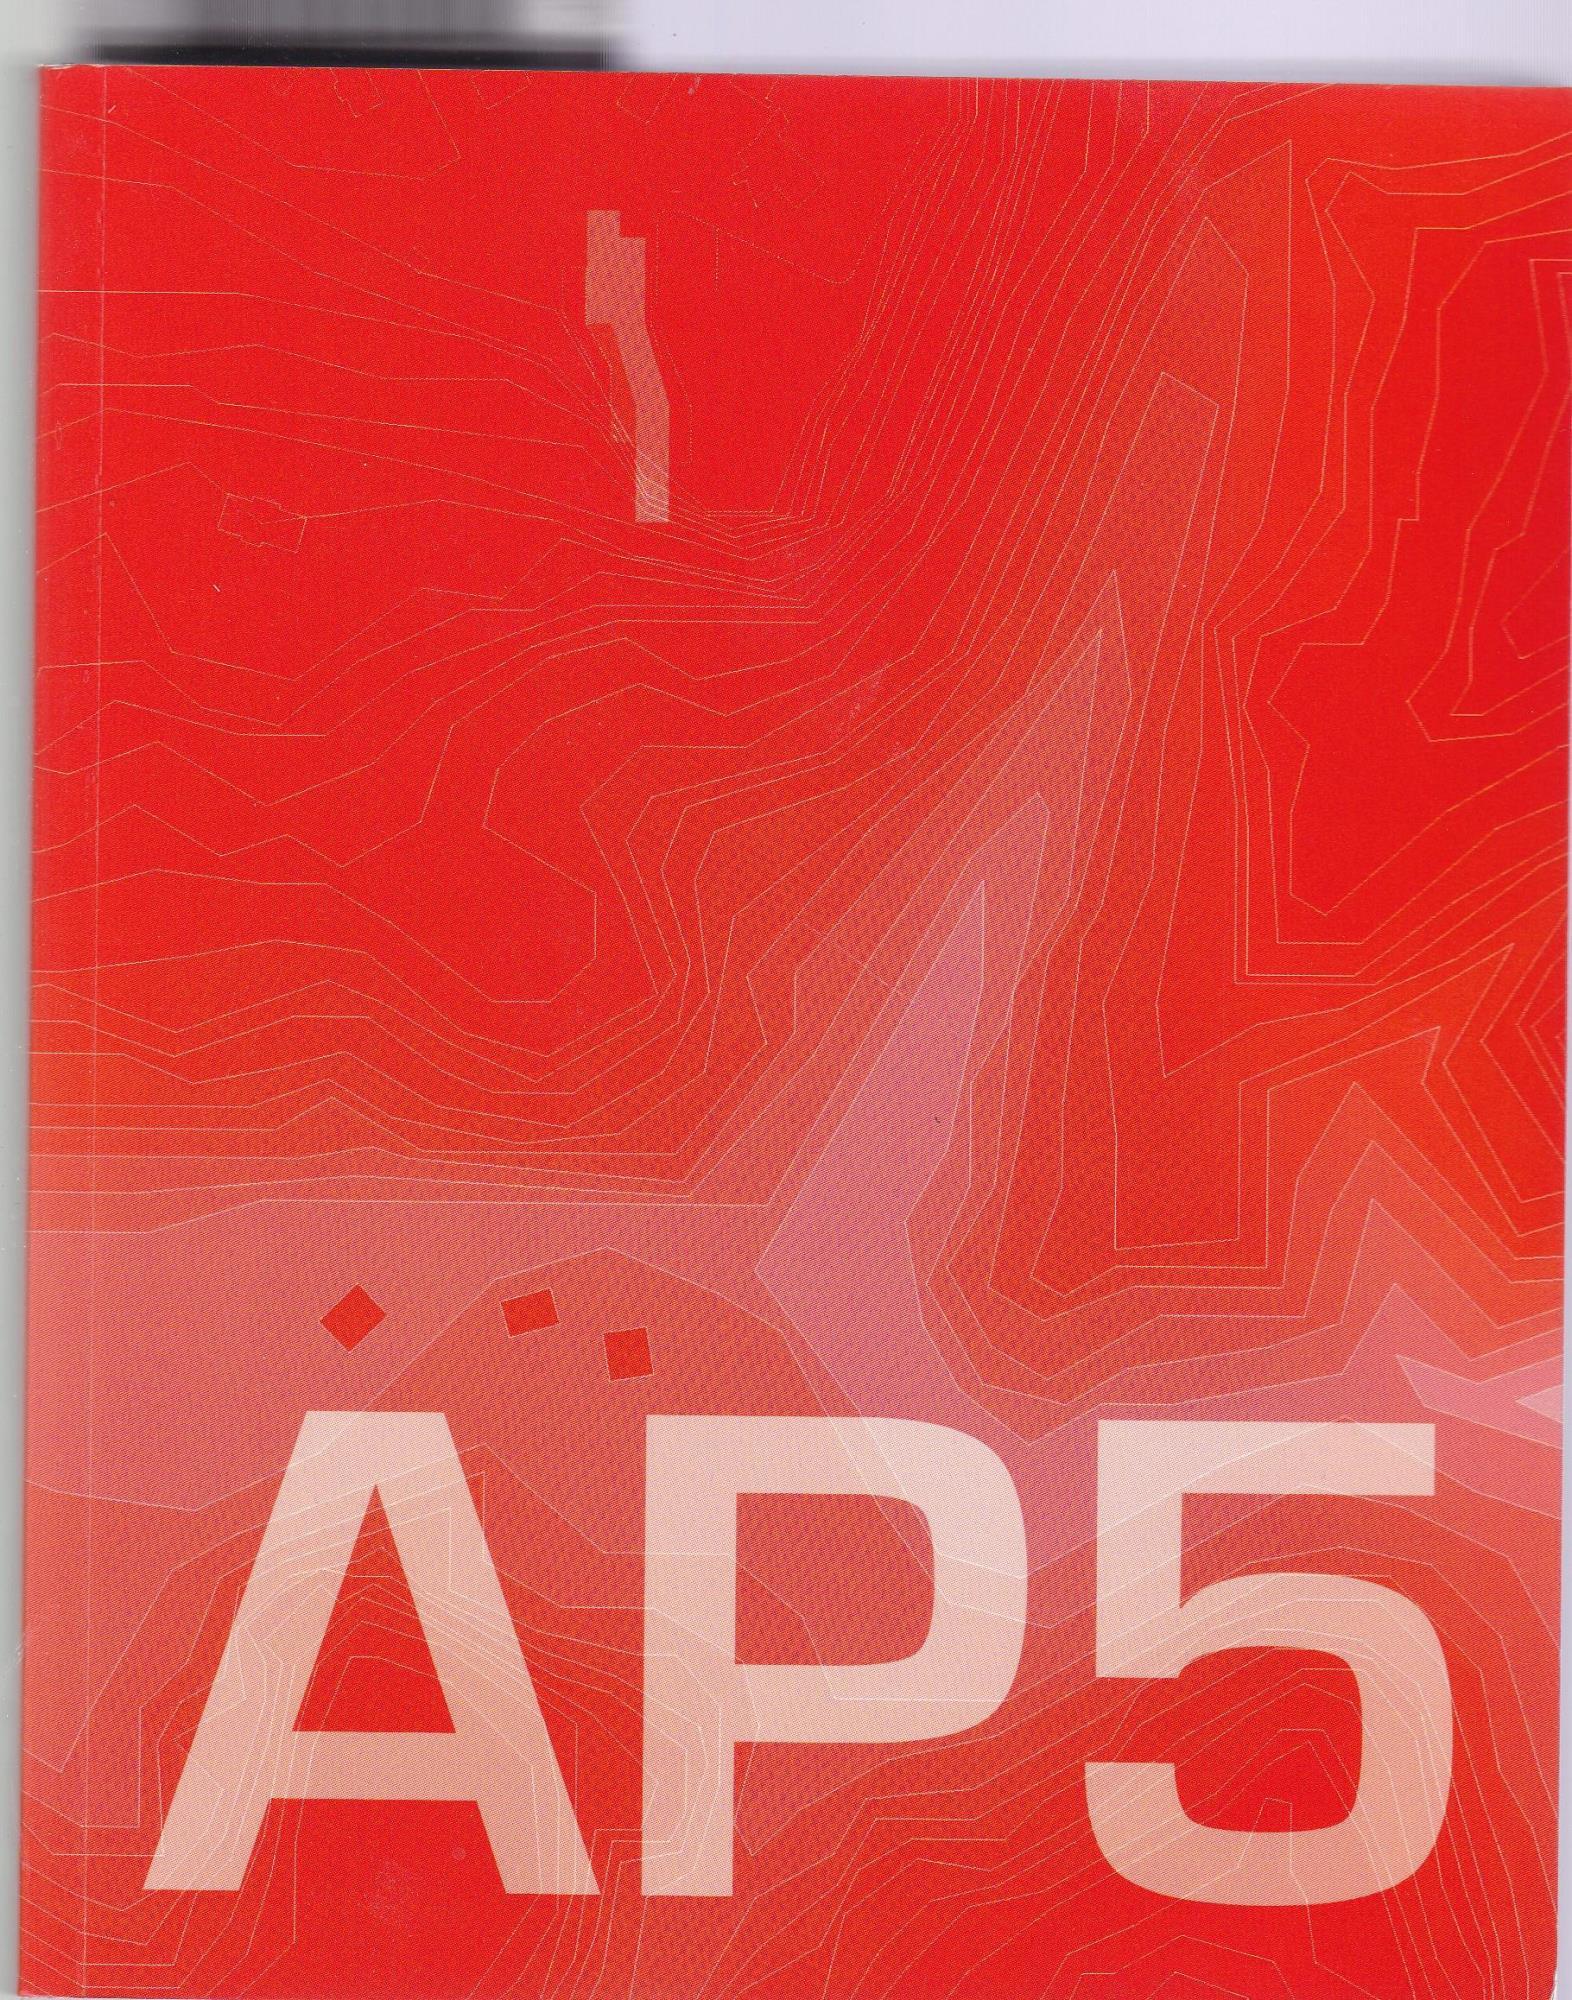 AP5. Fakultät Architektur Technische Universität Dresden. Architekturpreis: Carsten Lorenzen; Technische